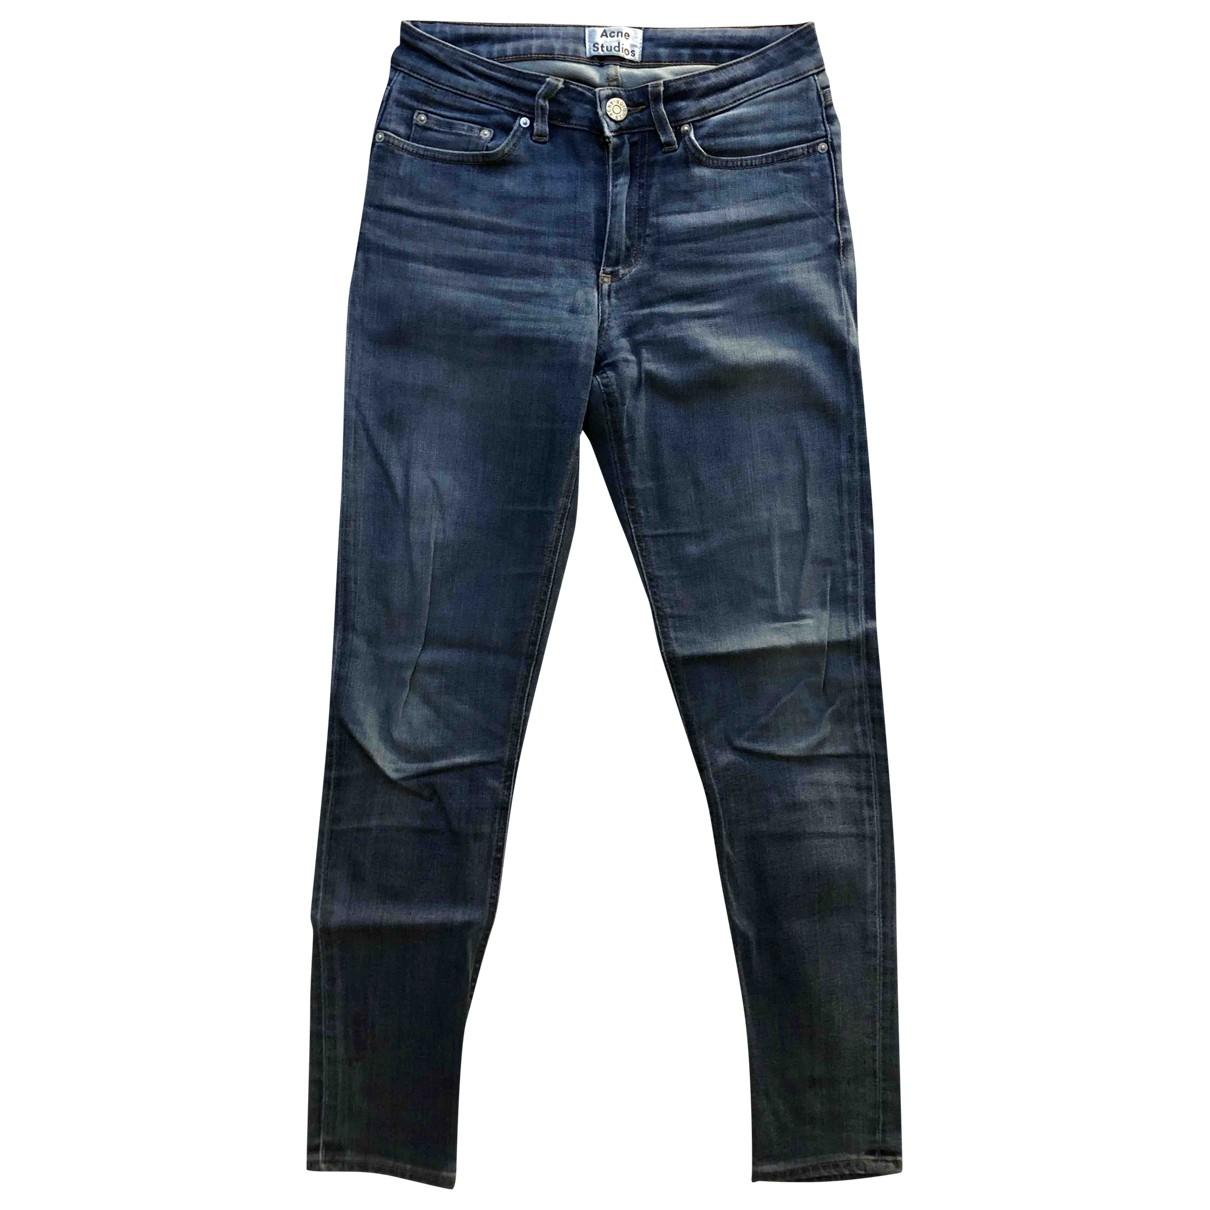 Acne Studios Skin 5 Jeans in  Blau Baumwolle - Elasthan